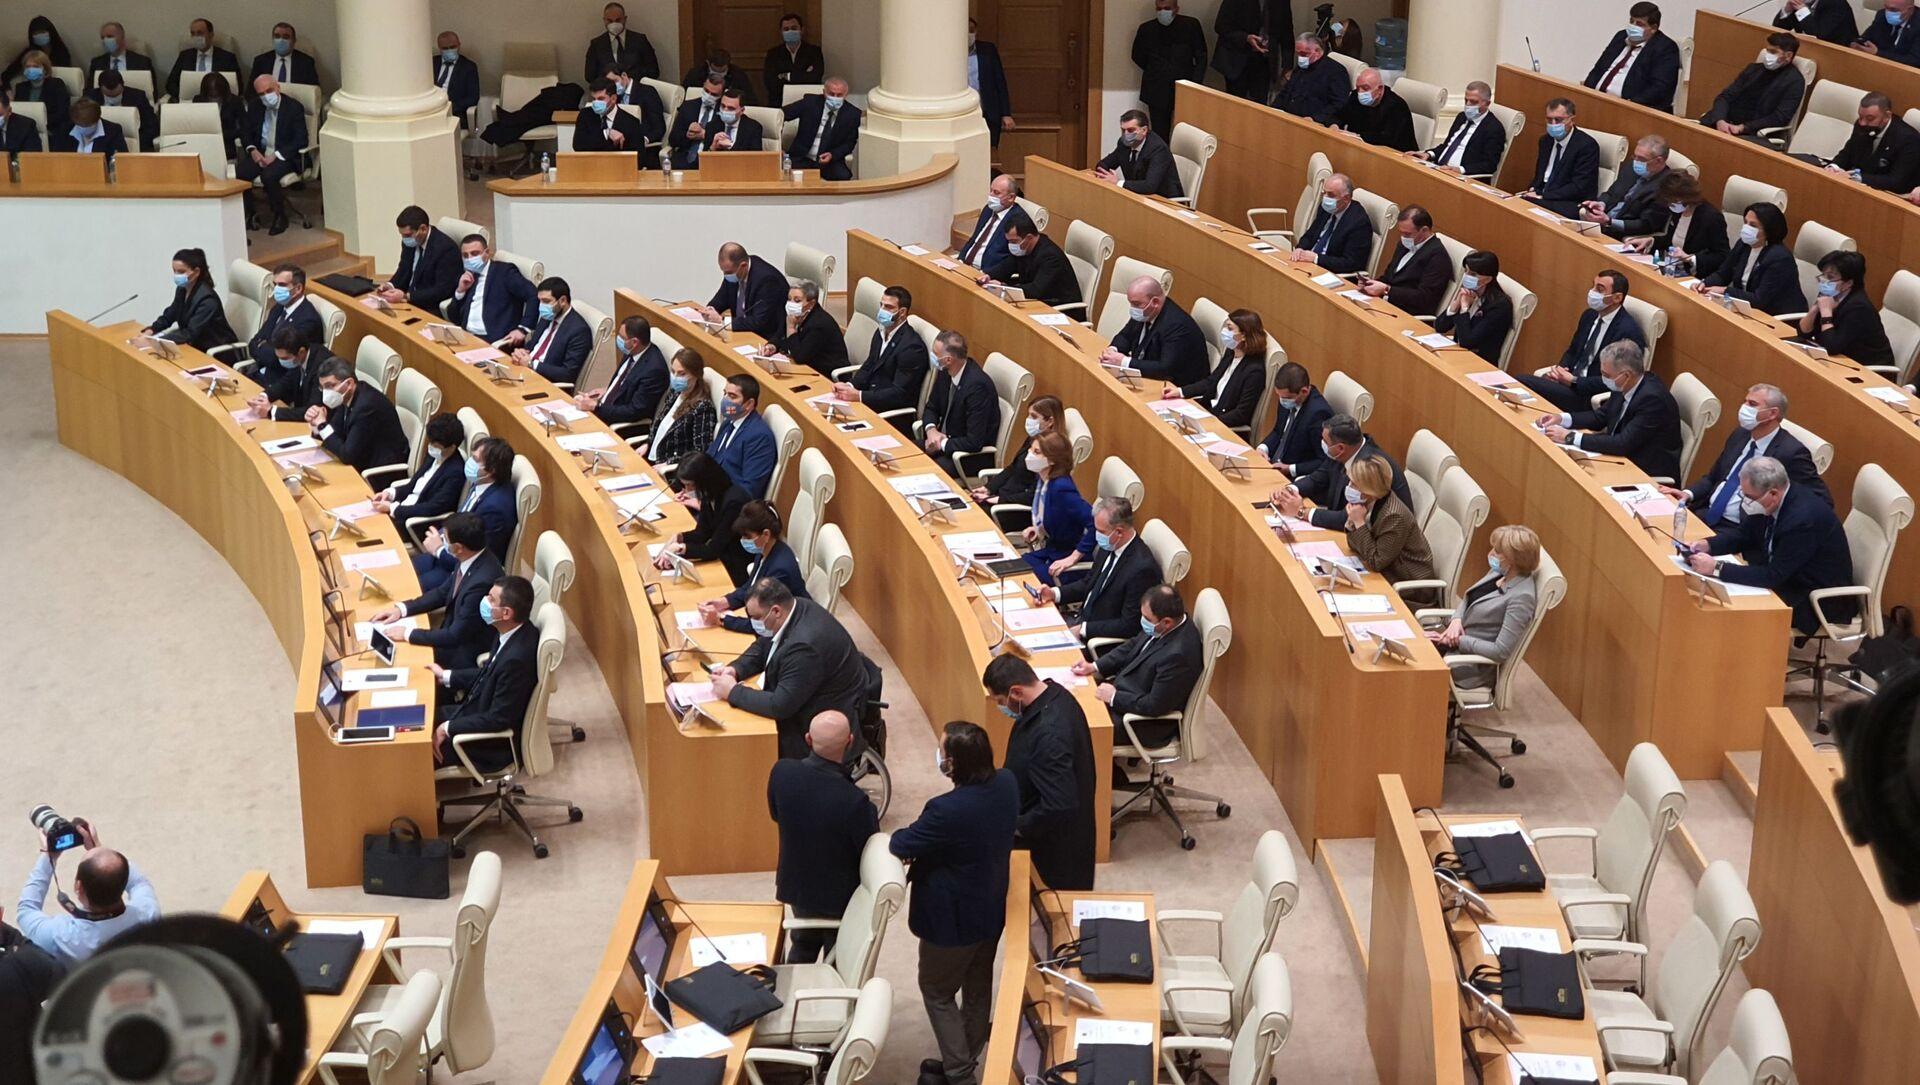 Парламент Грузии десятого созыва. Пленарное заседание - Sputnik Грузия, 1920, 18.02.2021